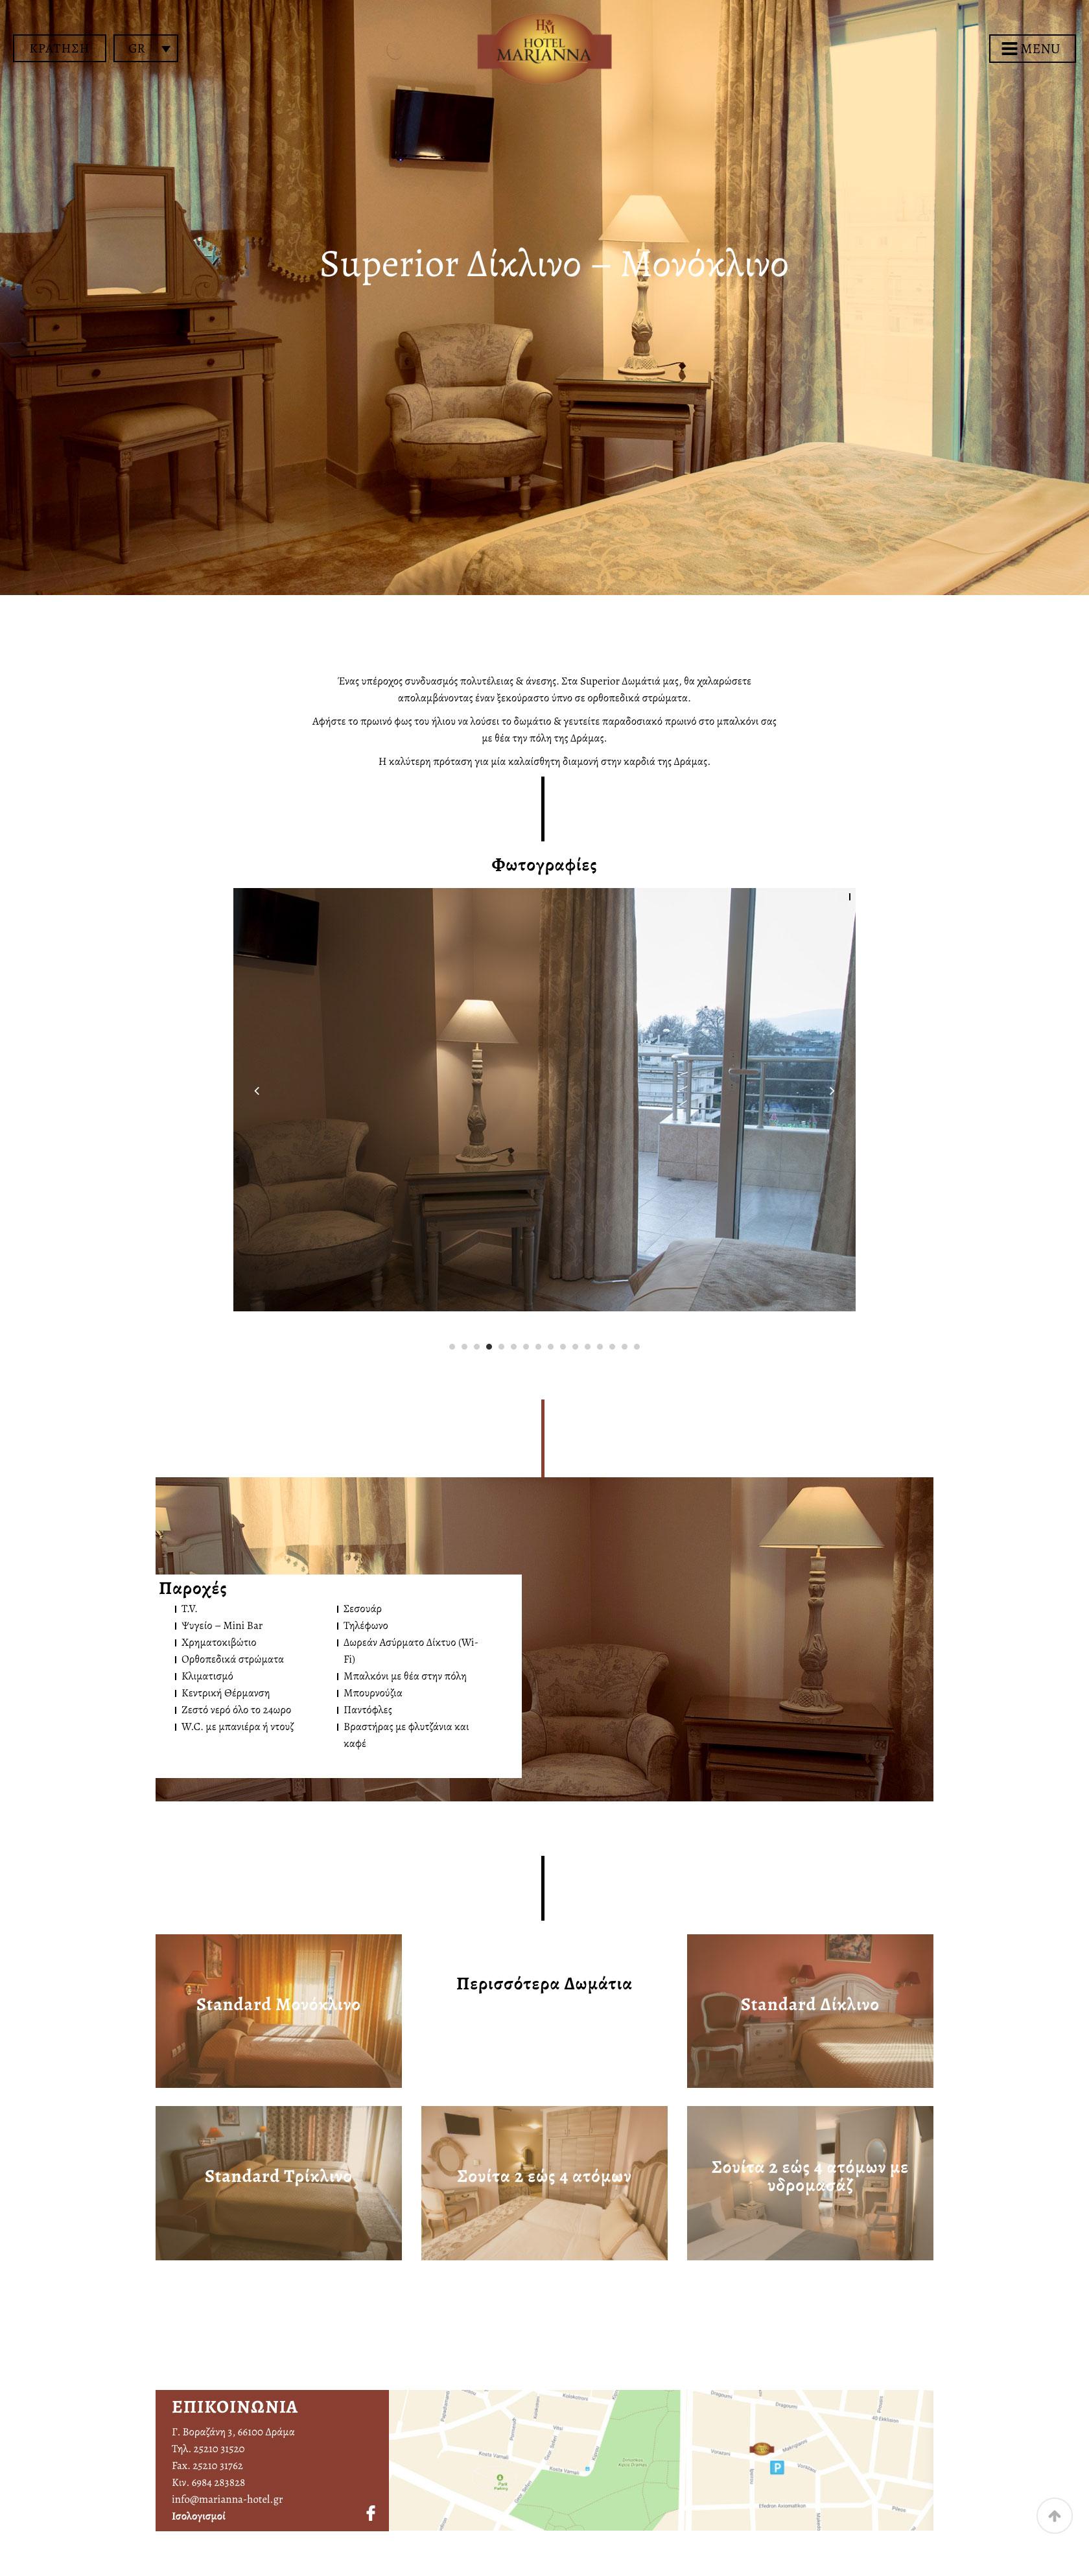 marianna-hotel-scr-4